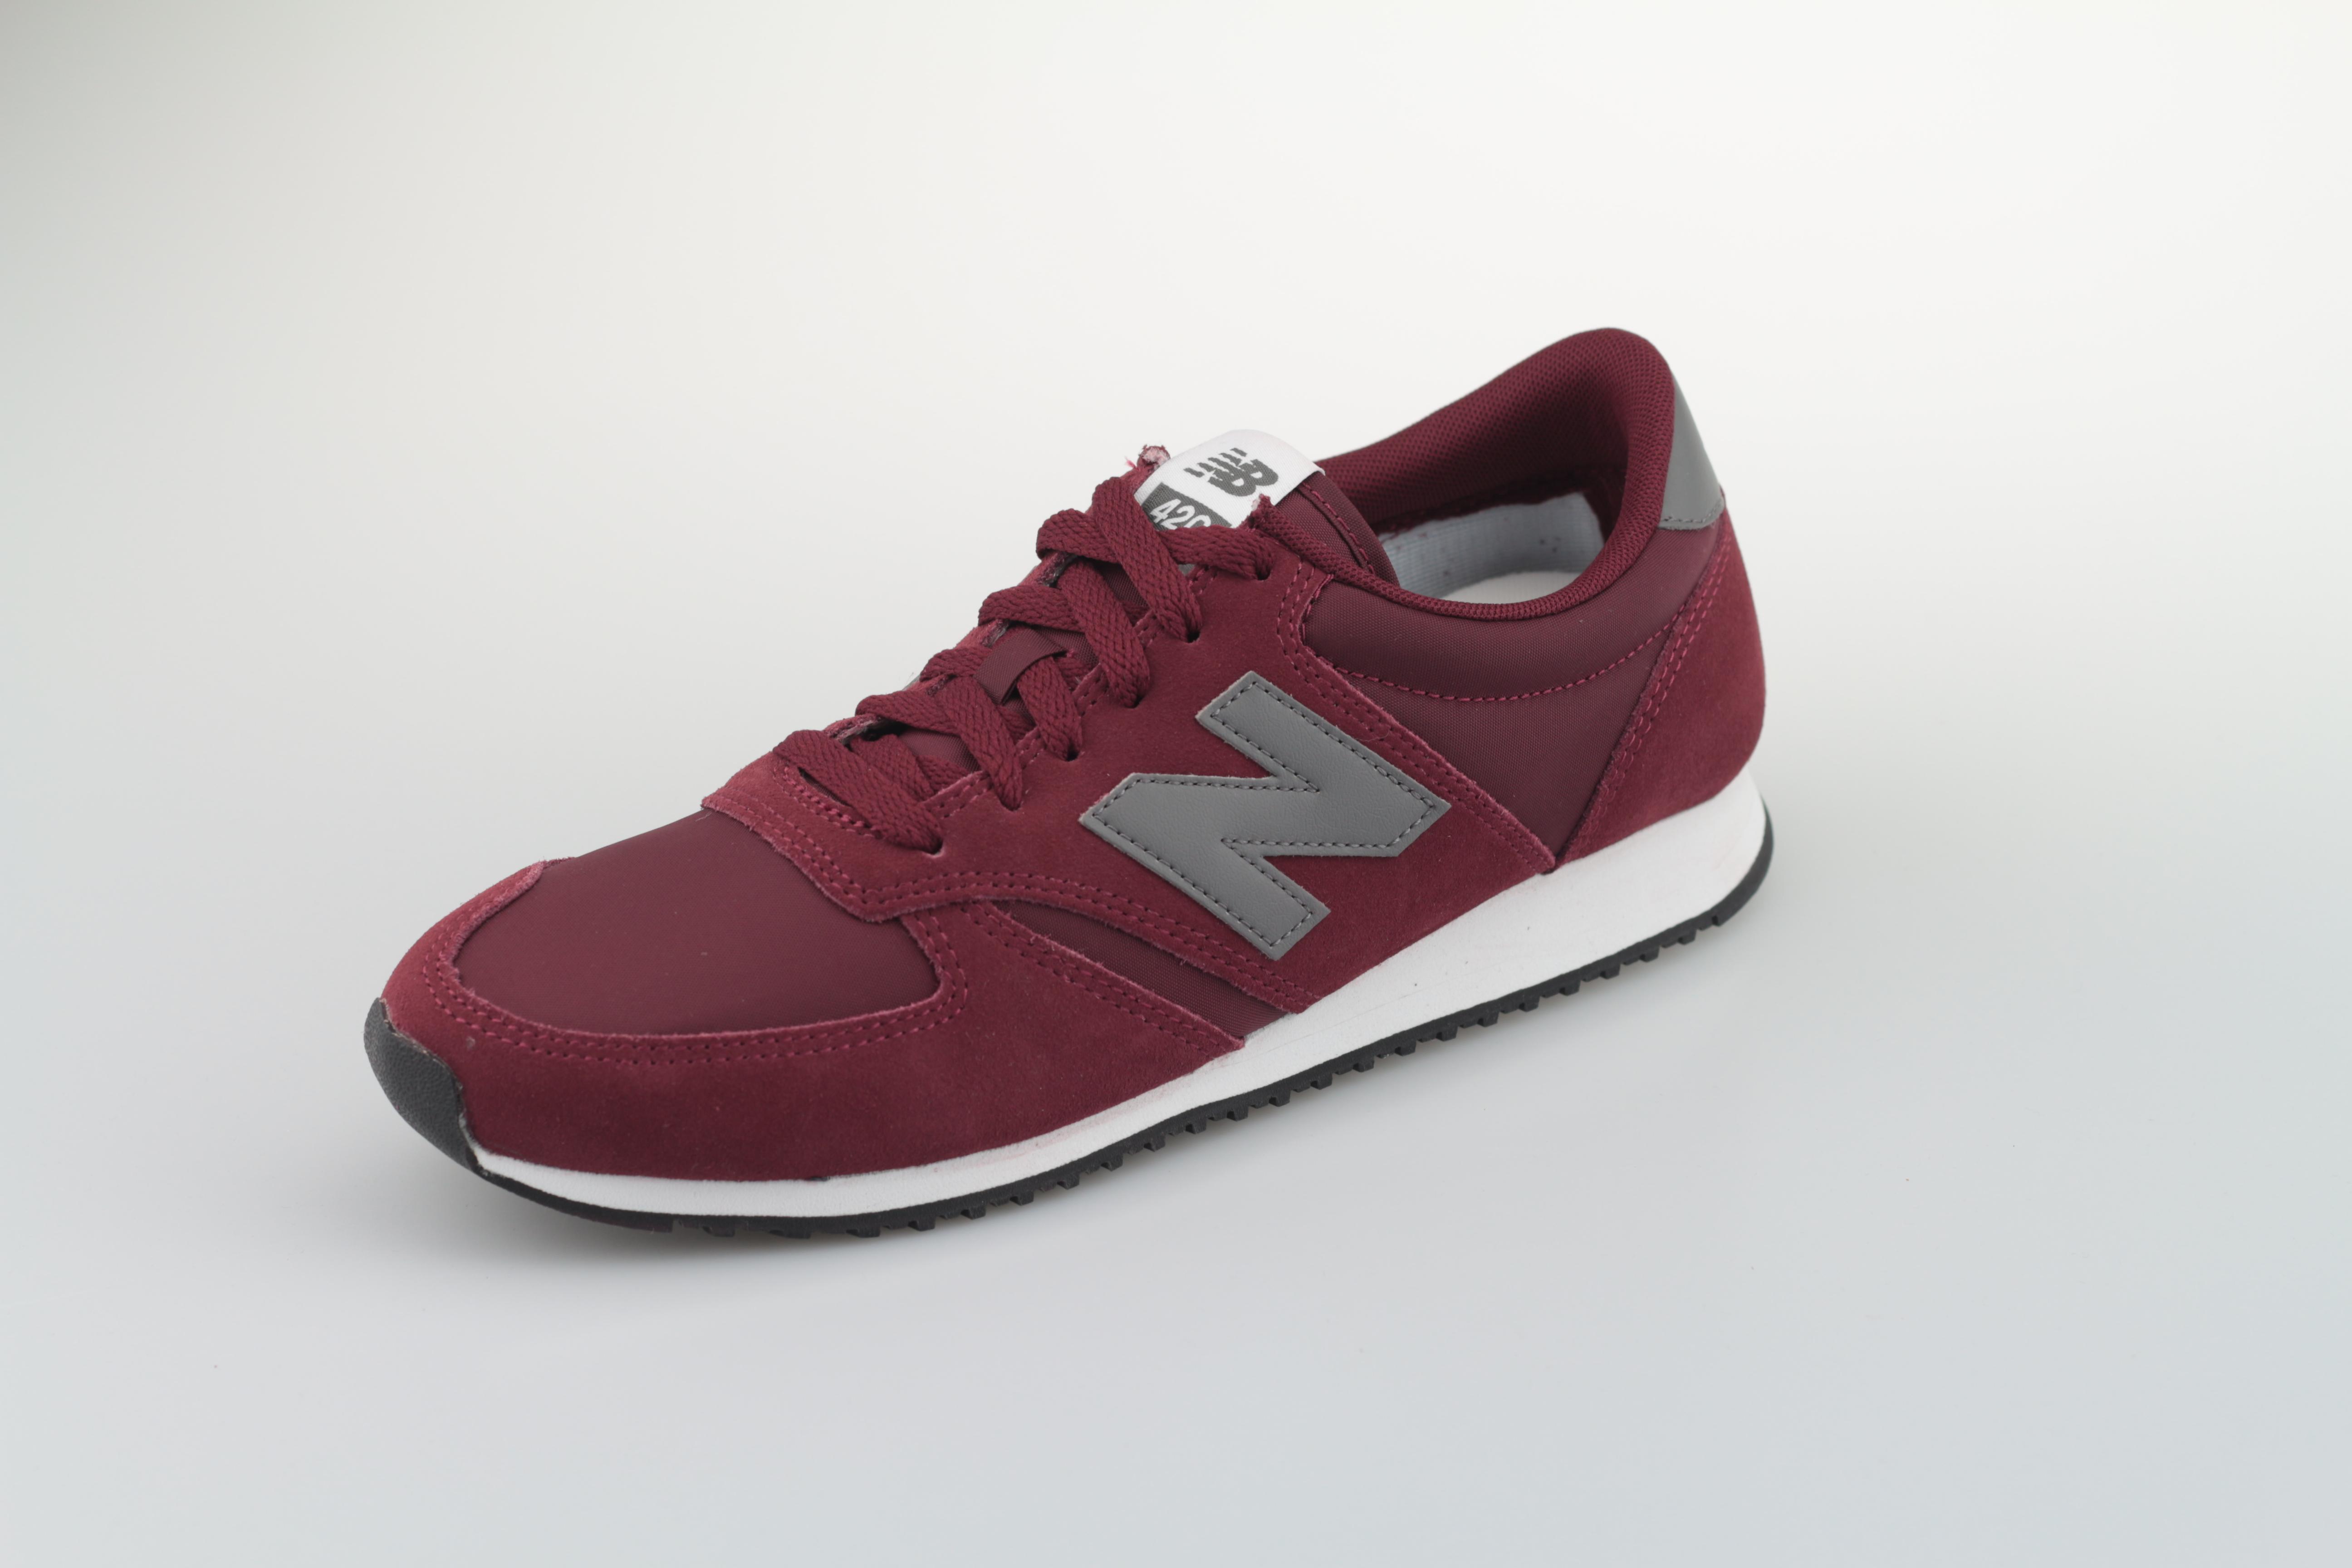 new-balance-u-420-bur-657491-6018-burgundy-2